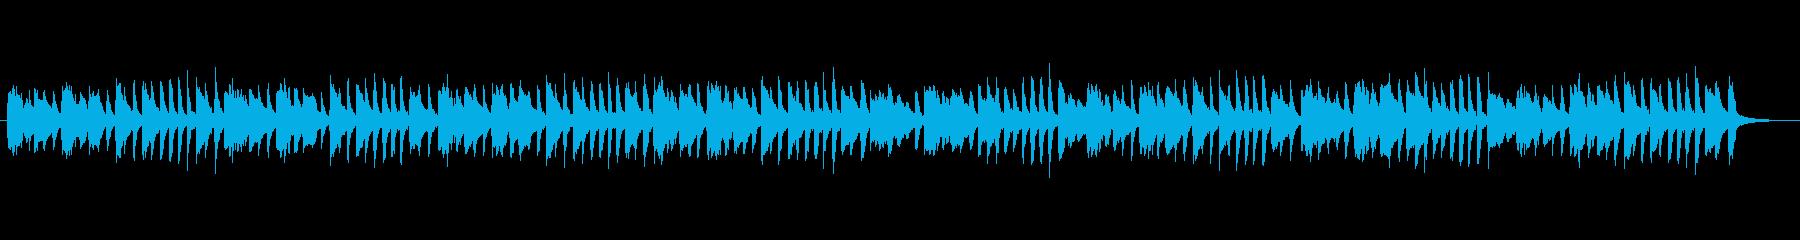 ピアノ練習曲、チェルニーNo.6の再生済みの波形